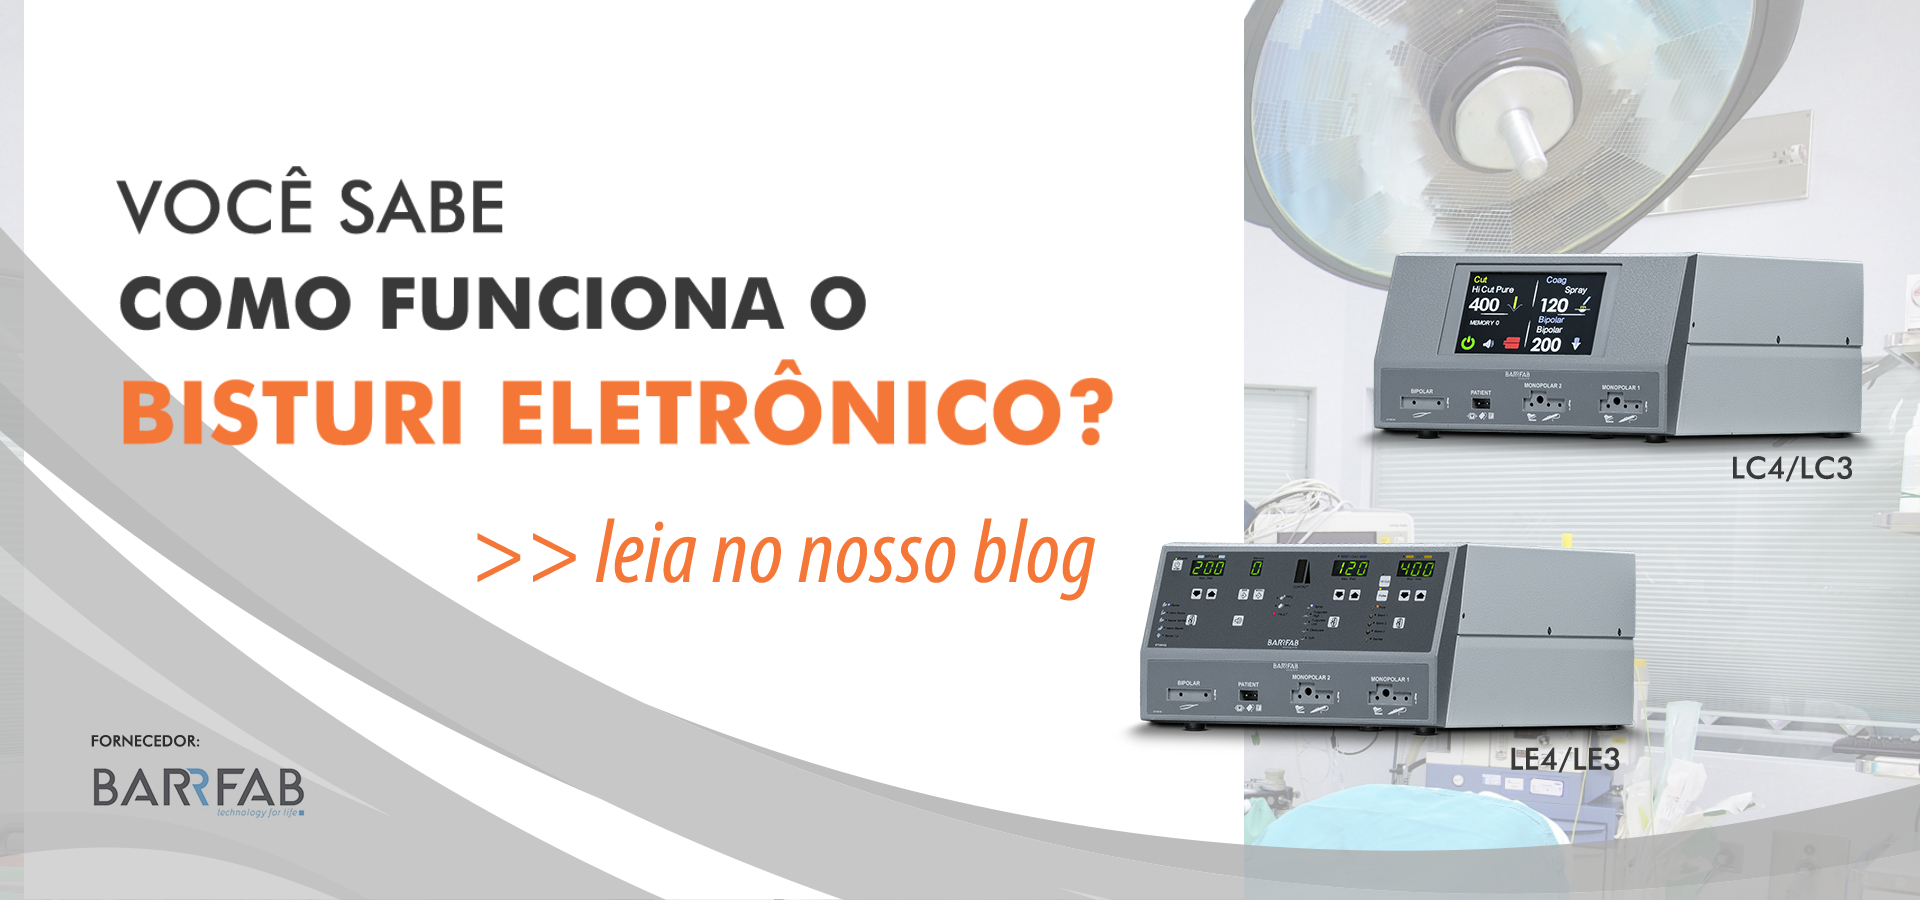 Blog: como funciona um bisturi eletrônico?